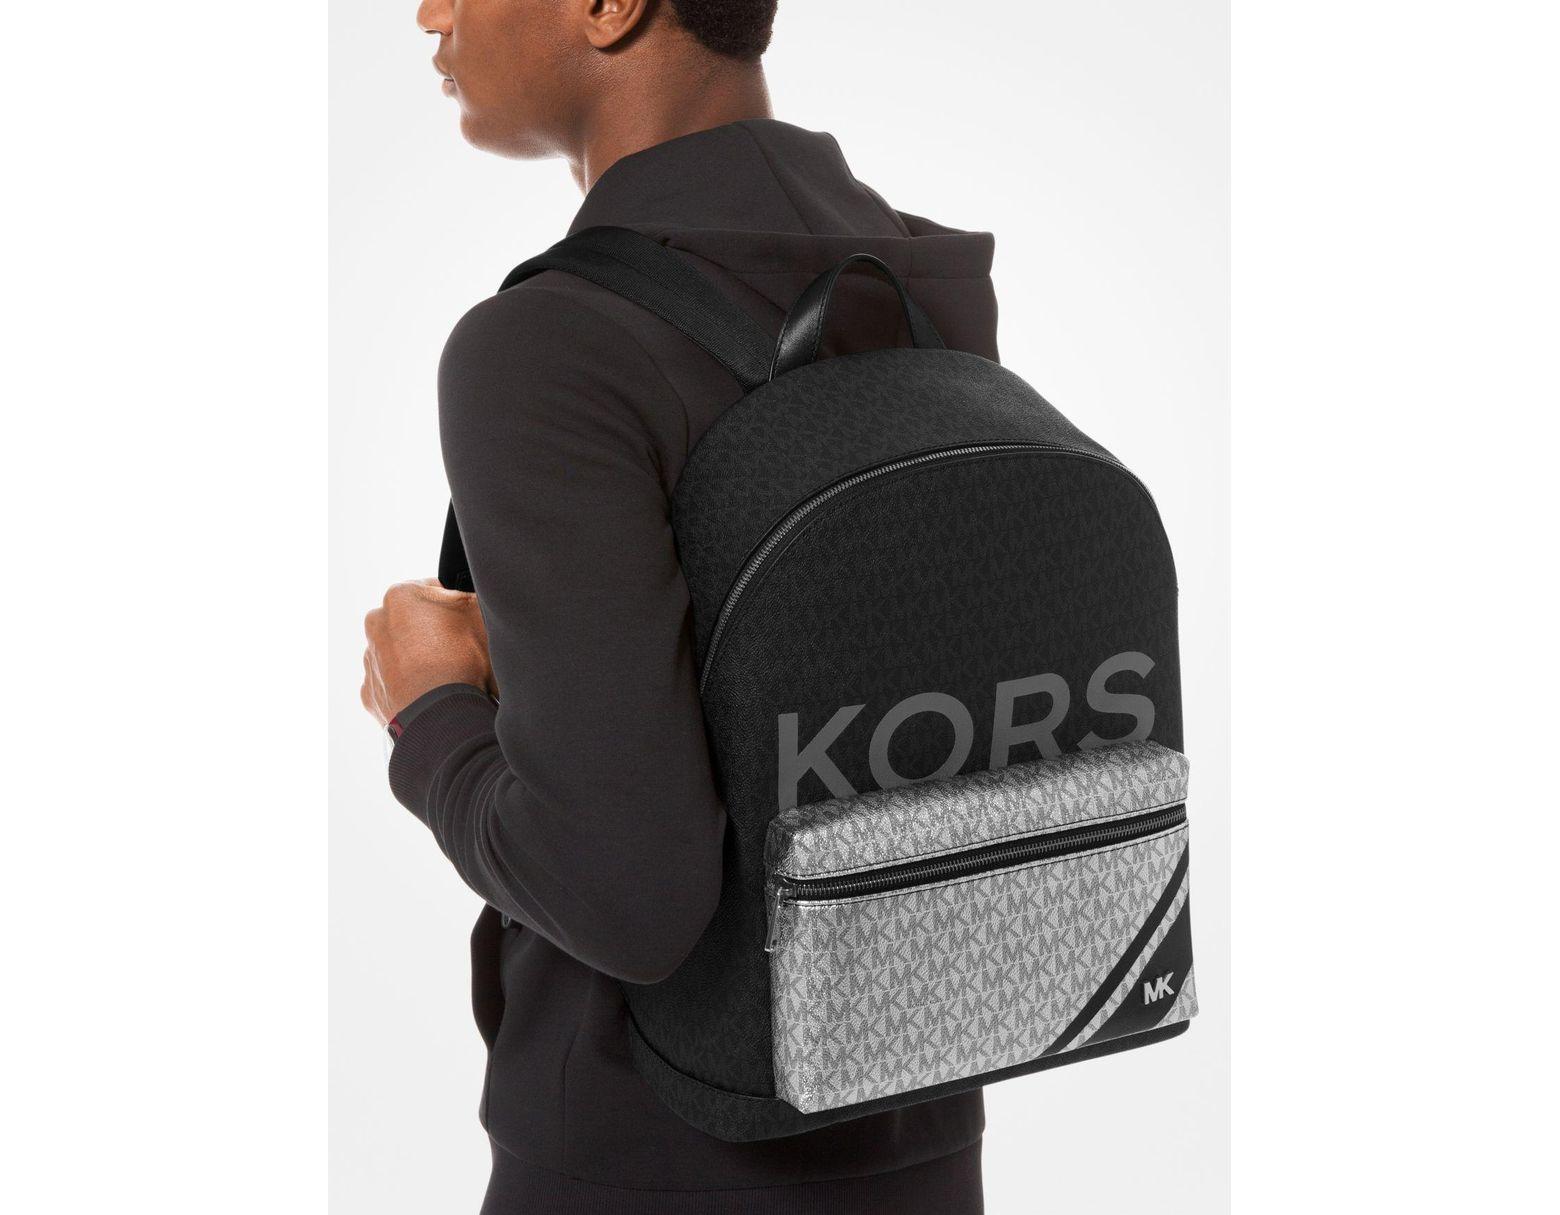 604d8fe32d5a41 Michael Kors Jet Set Color-block Logo Backpack in Black for Men - Lyst